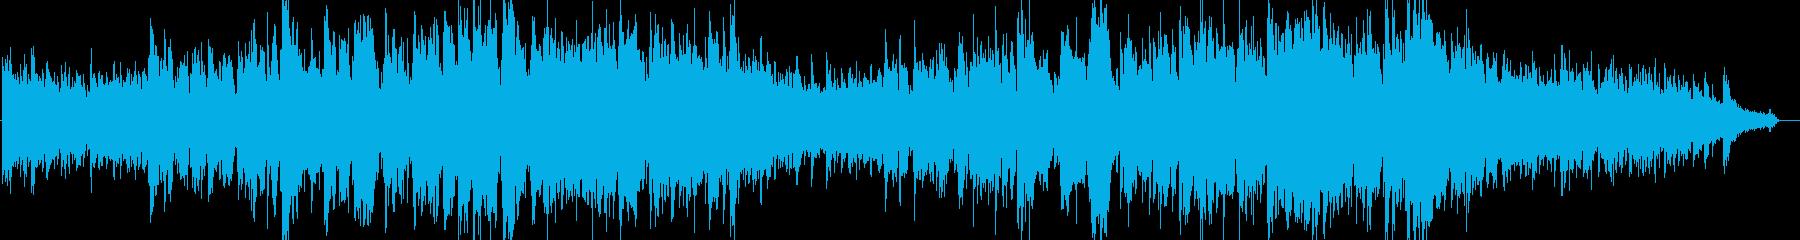 幻想的なエレピ伴奏のバラードの再生済みの波形